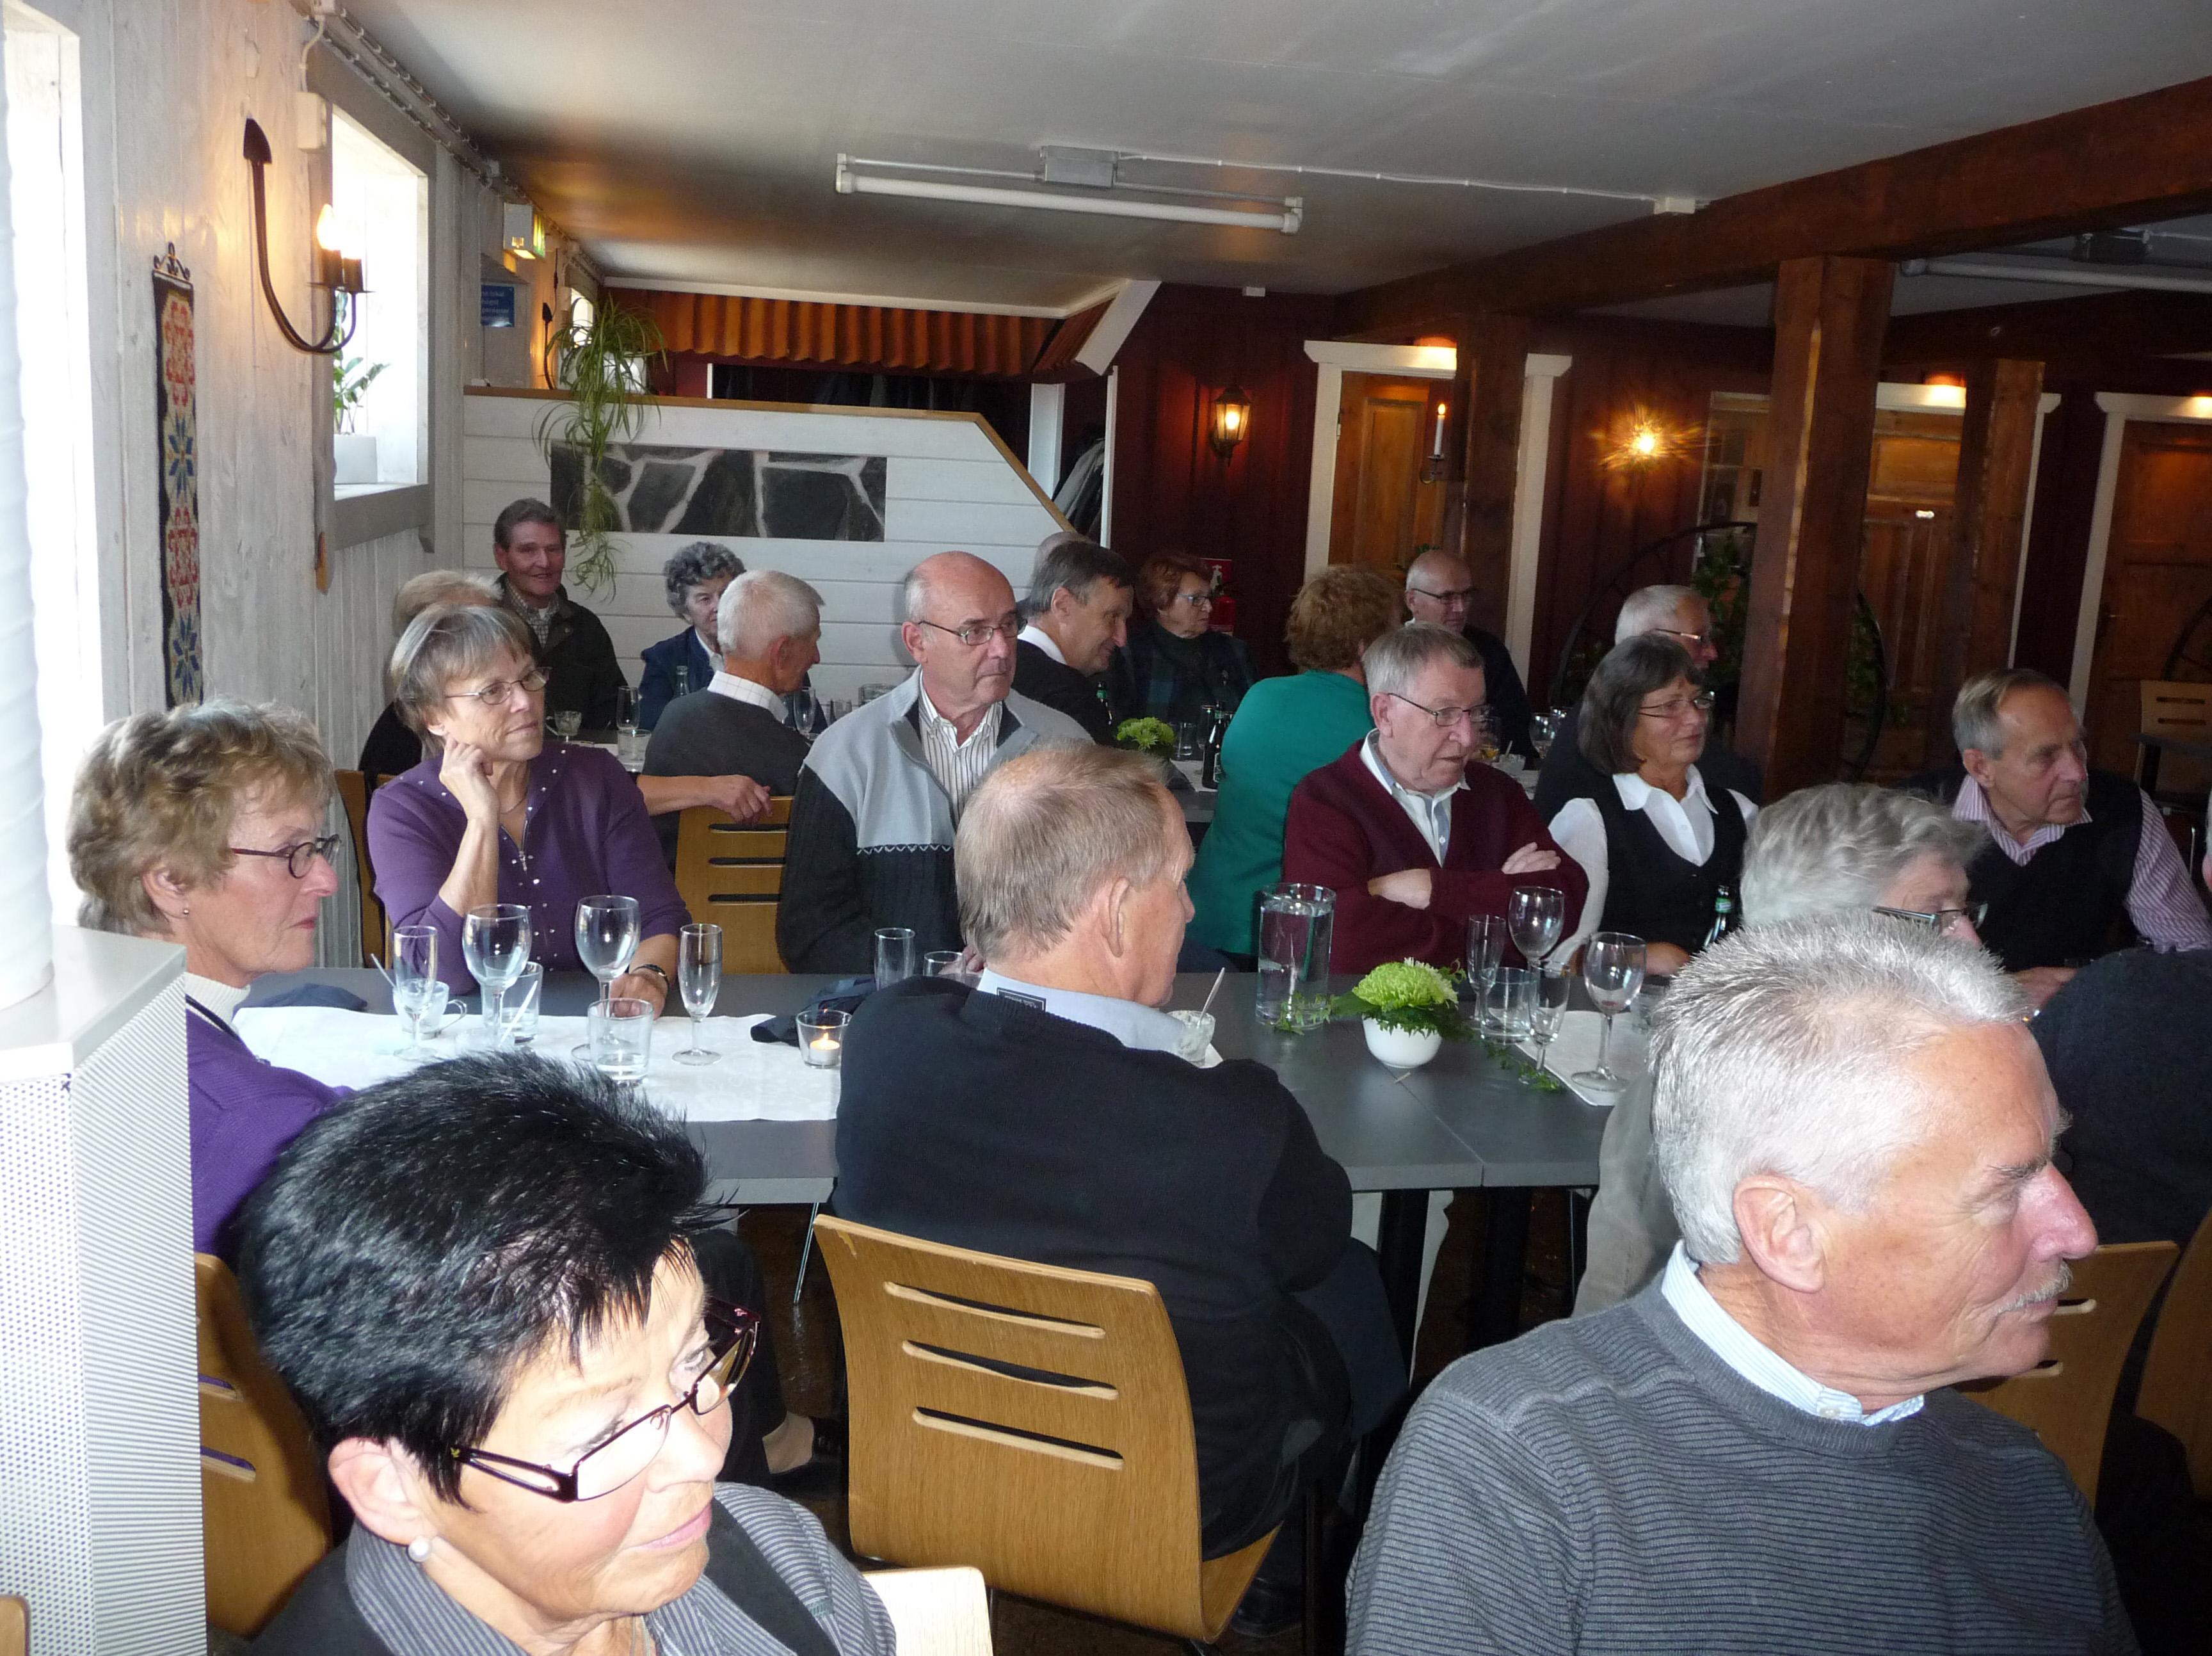 2009 Falbygdens ost och Wrågården - 04